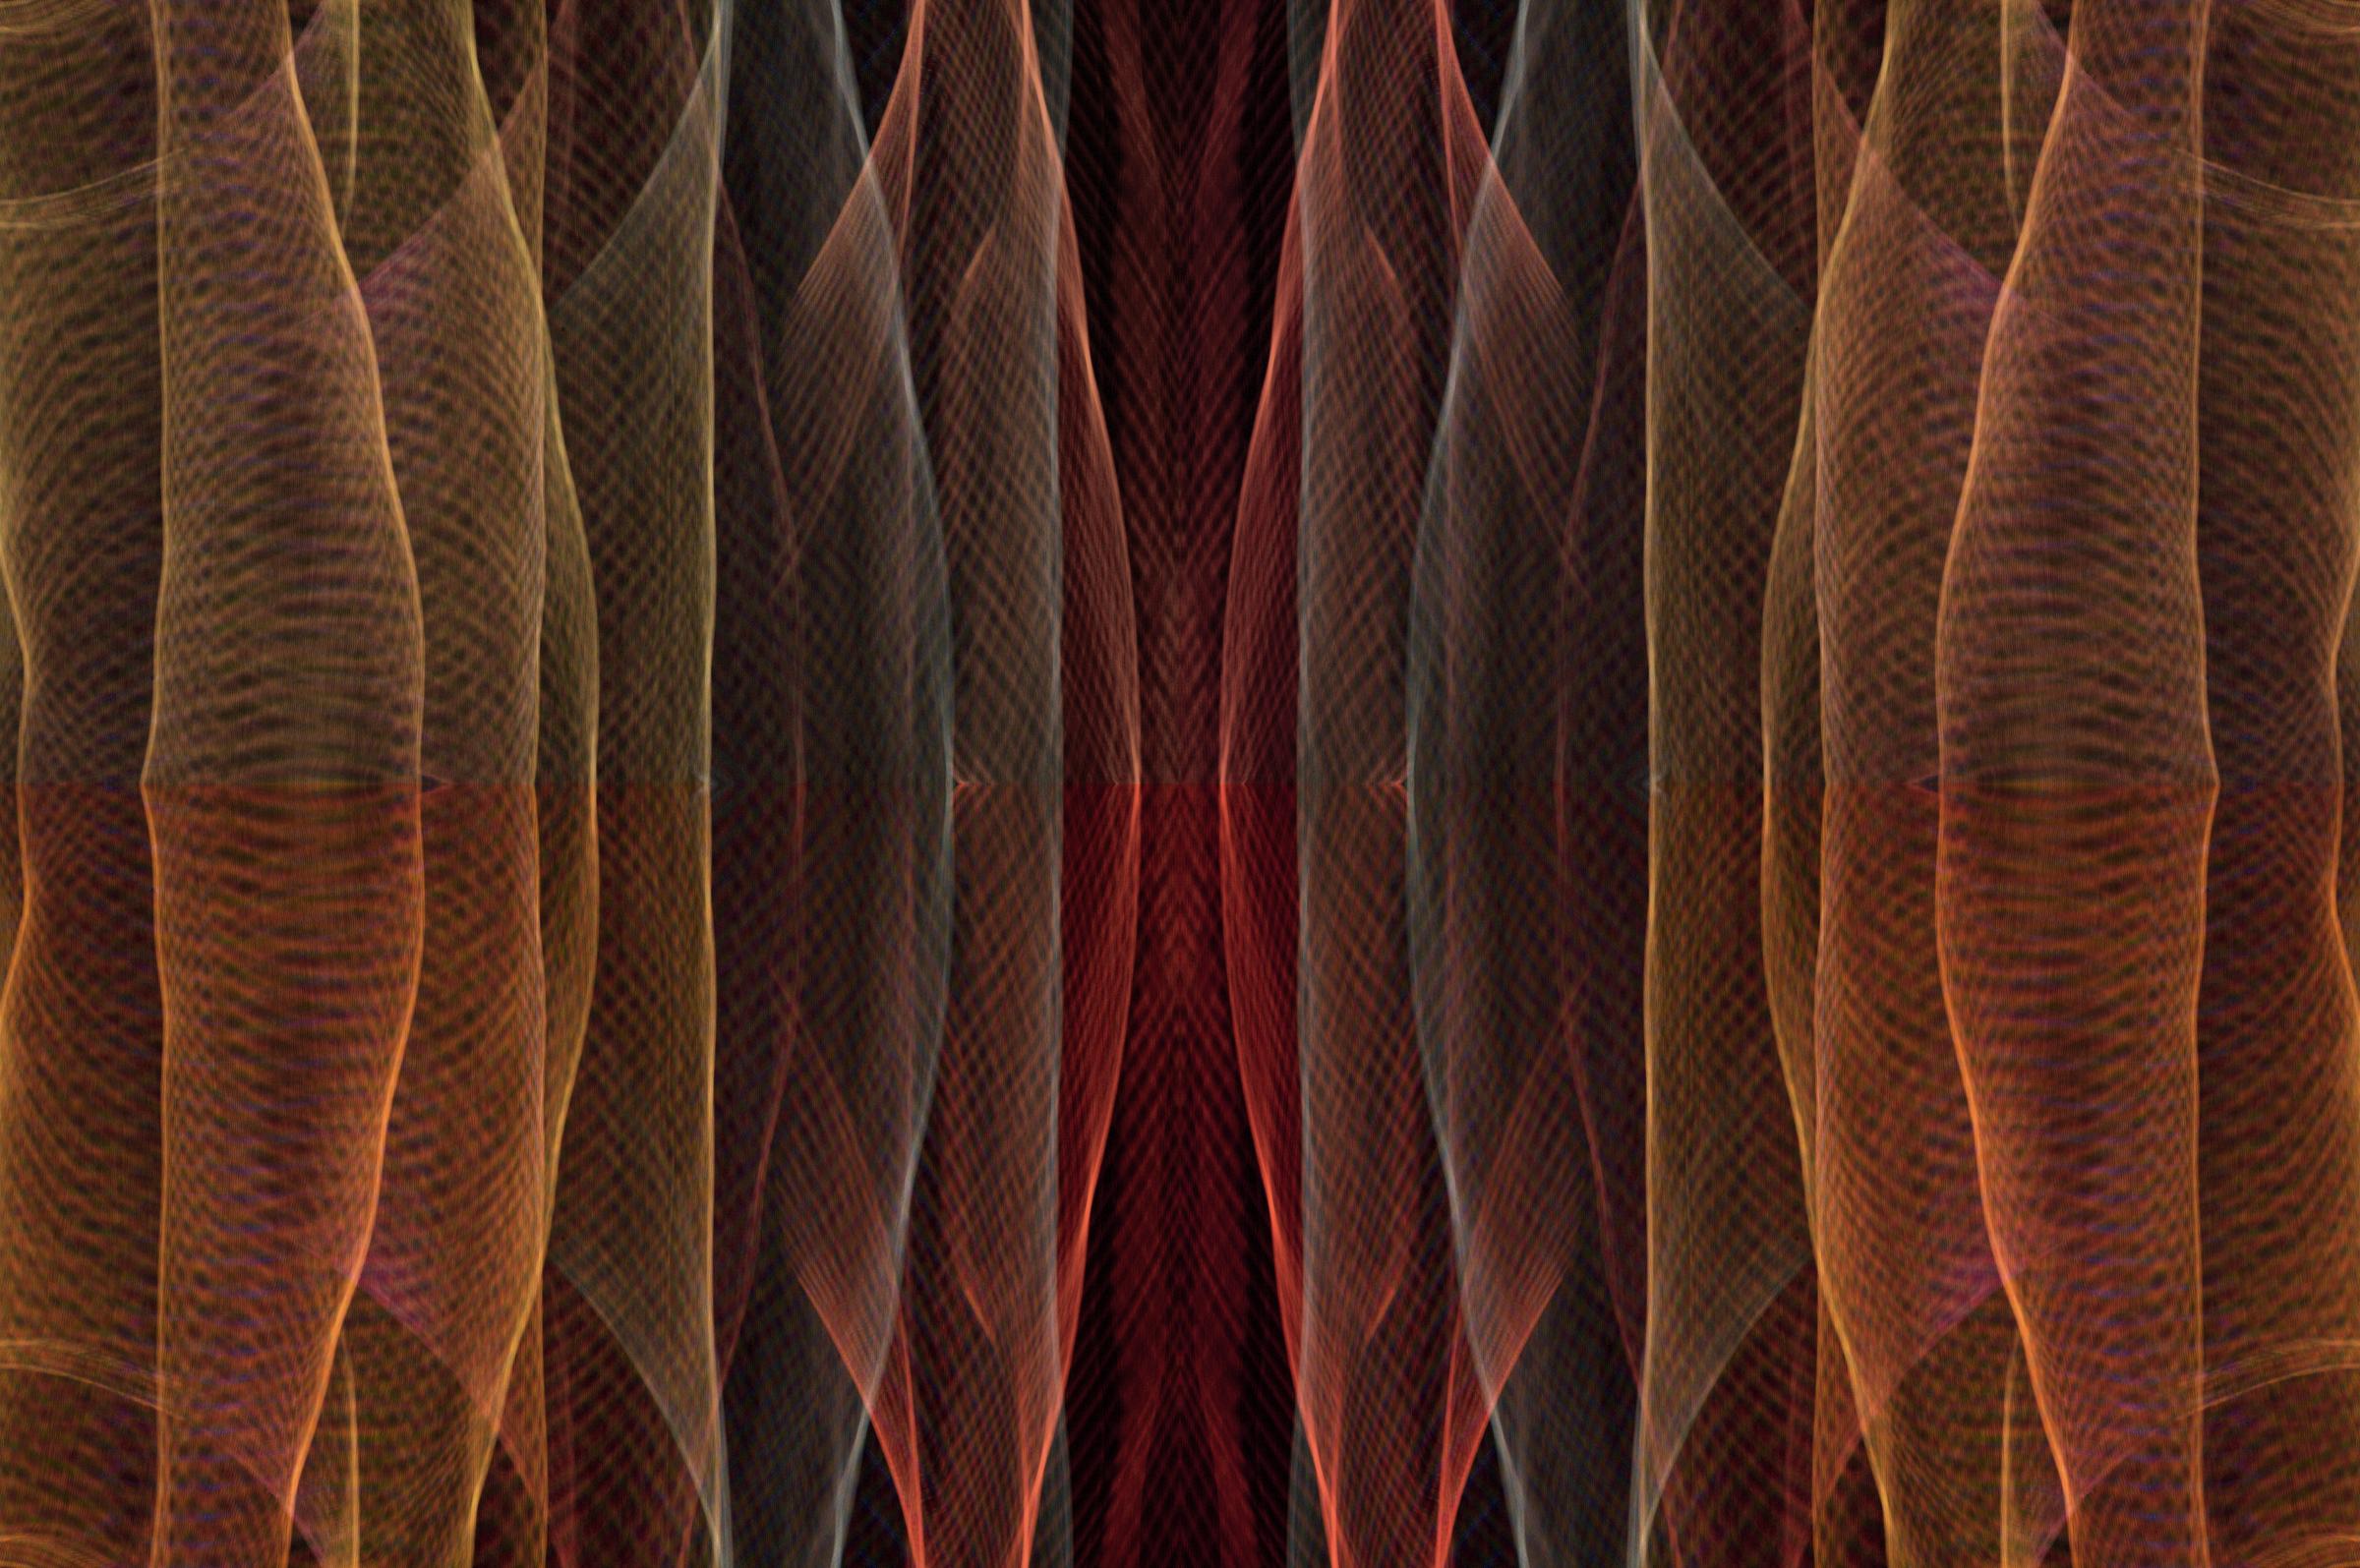 merged_2432 copy.jpg